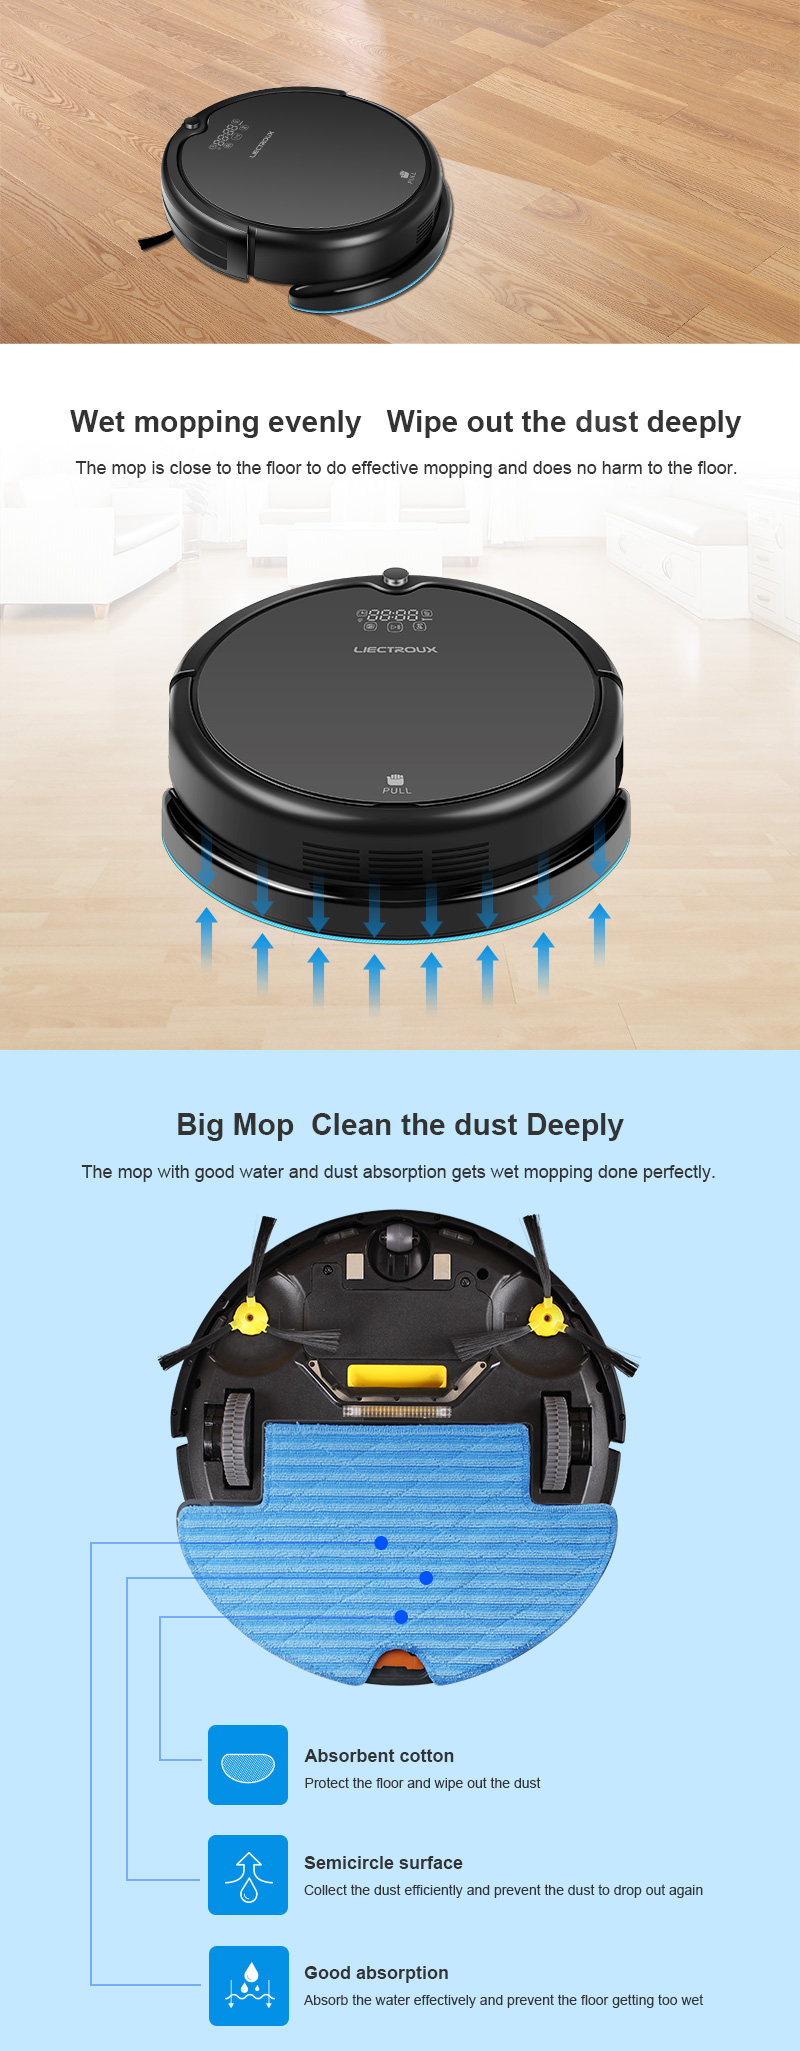 China Fábrica/OEM Q7000 Ziguezague o Modo de Programação de Limpeza de Limpeza Robô Aspirador de pó Auto Recarga Do Tanque de Água Wet & Dry limpeza